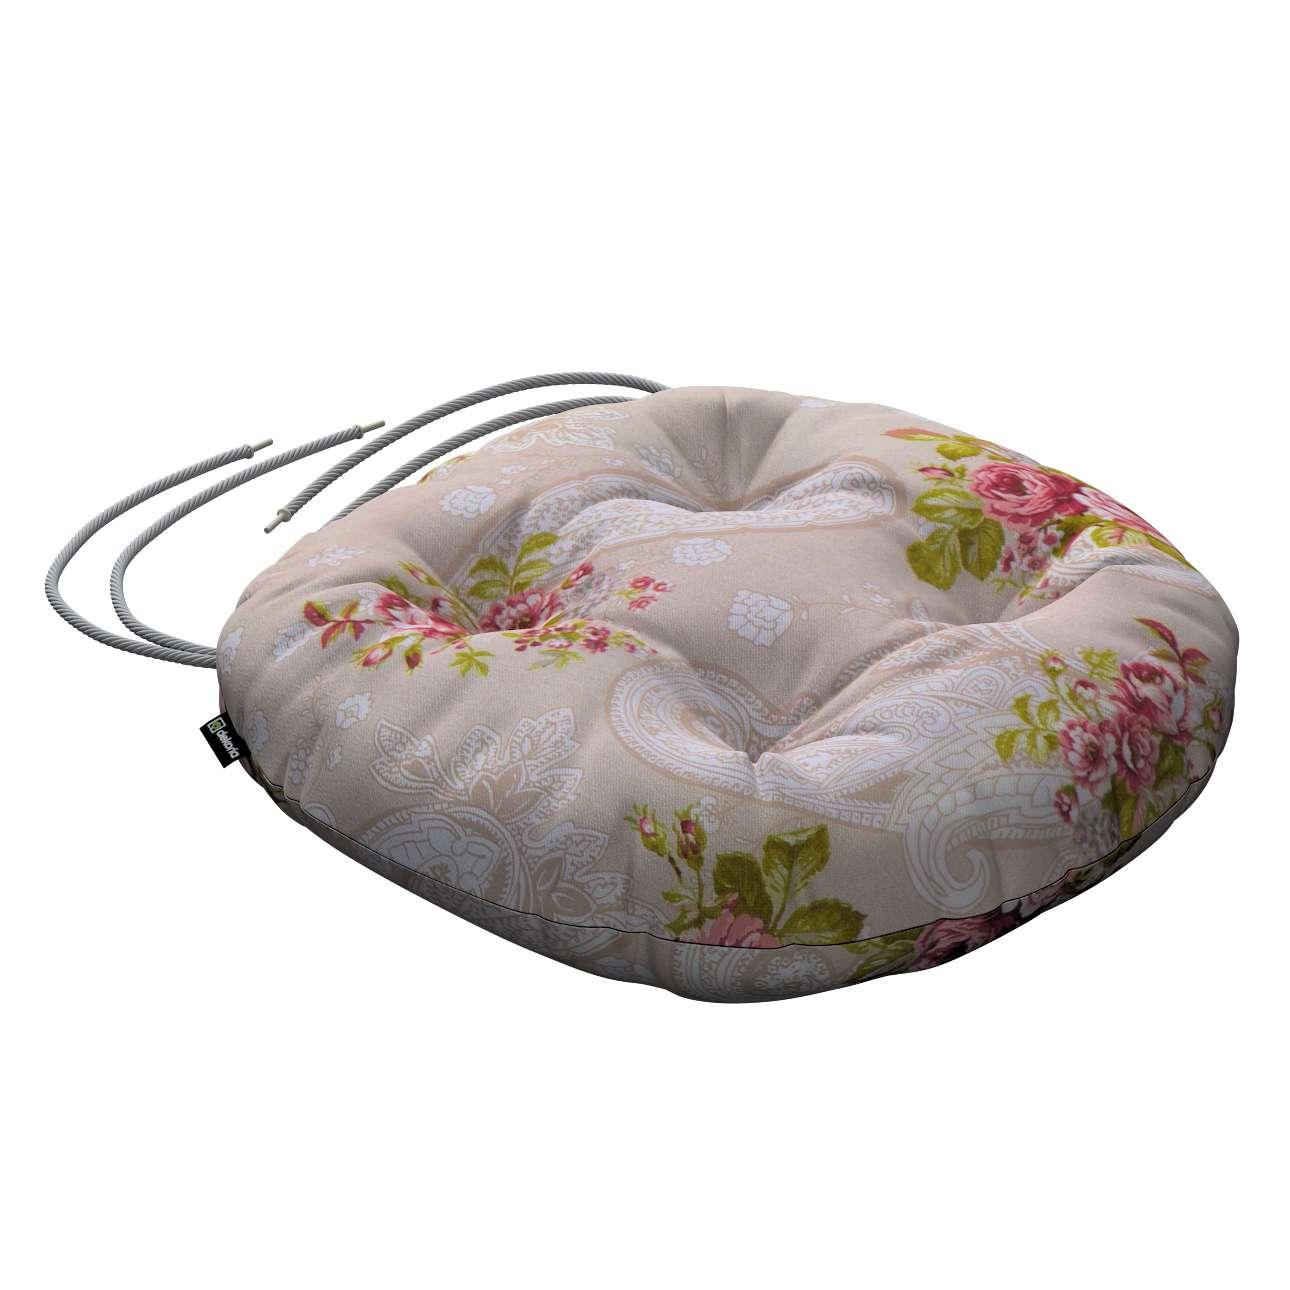 Kėdės pagalvėlė Adam  skersmuo 37x8cm kolekcijoje Flowers, audinys: 311-15